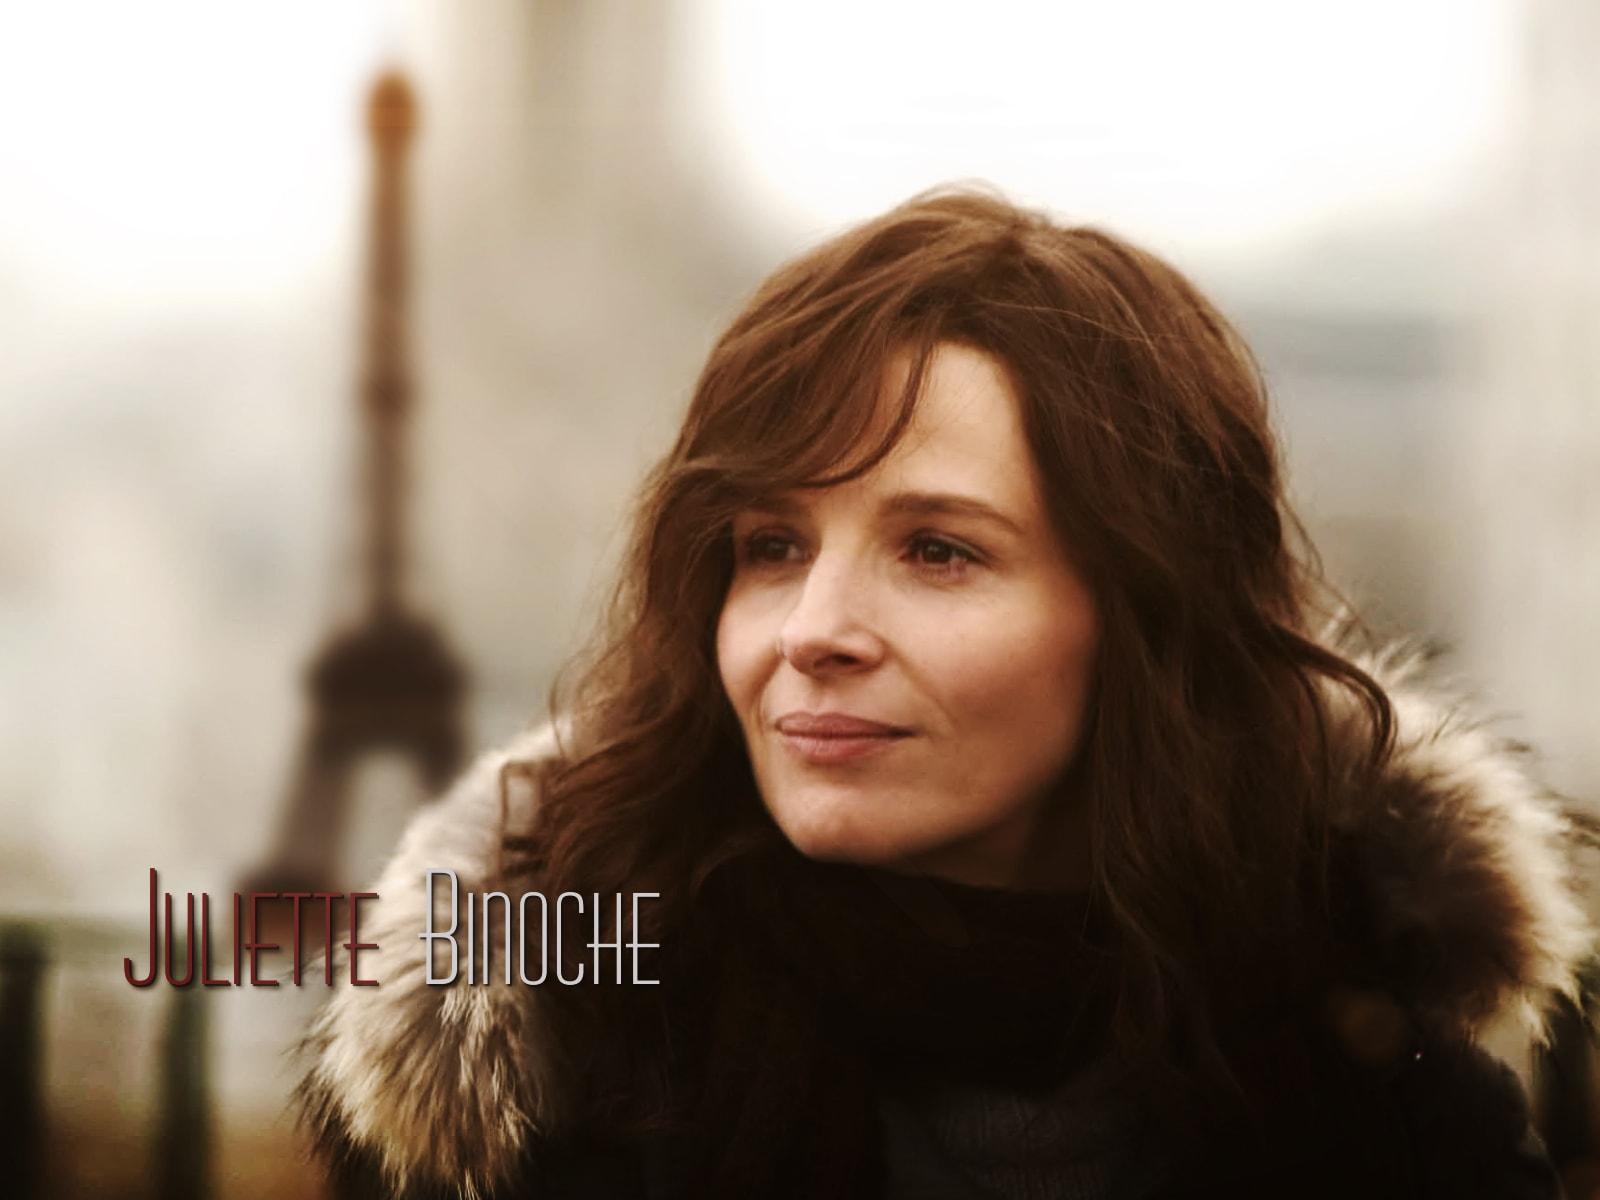 Juliette Binoche High